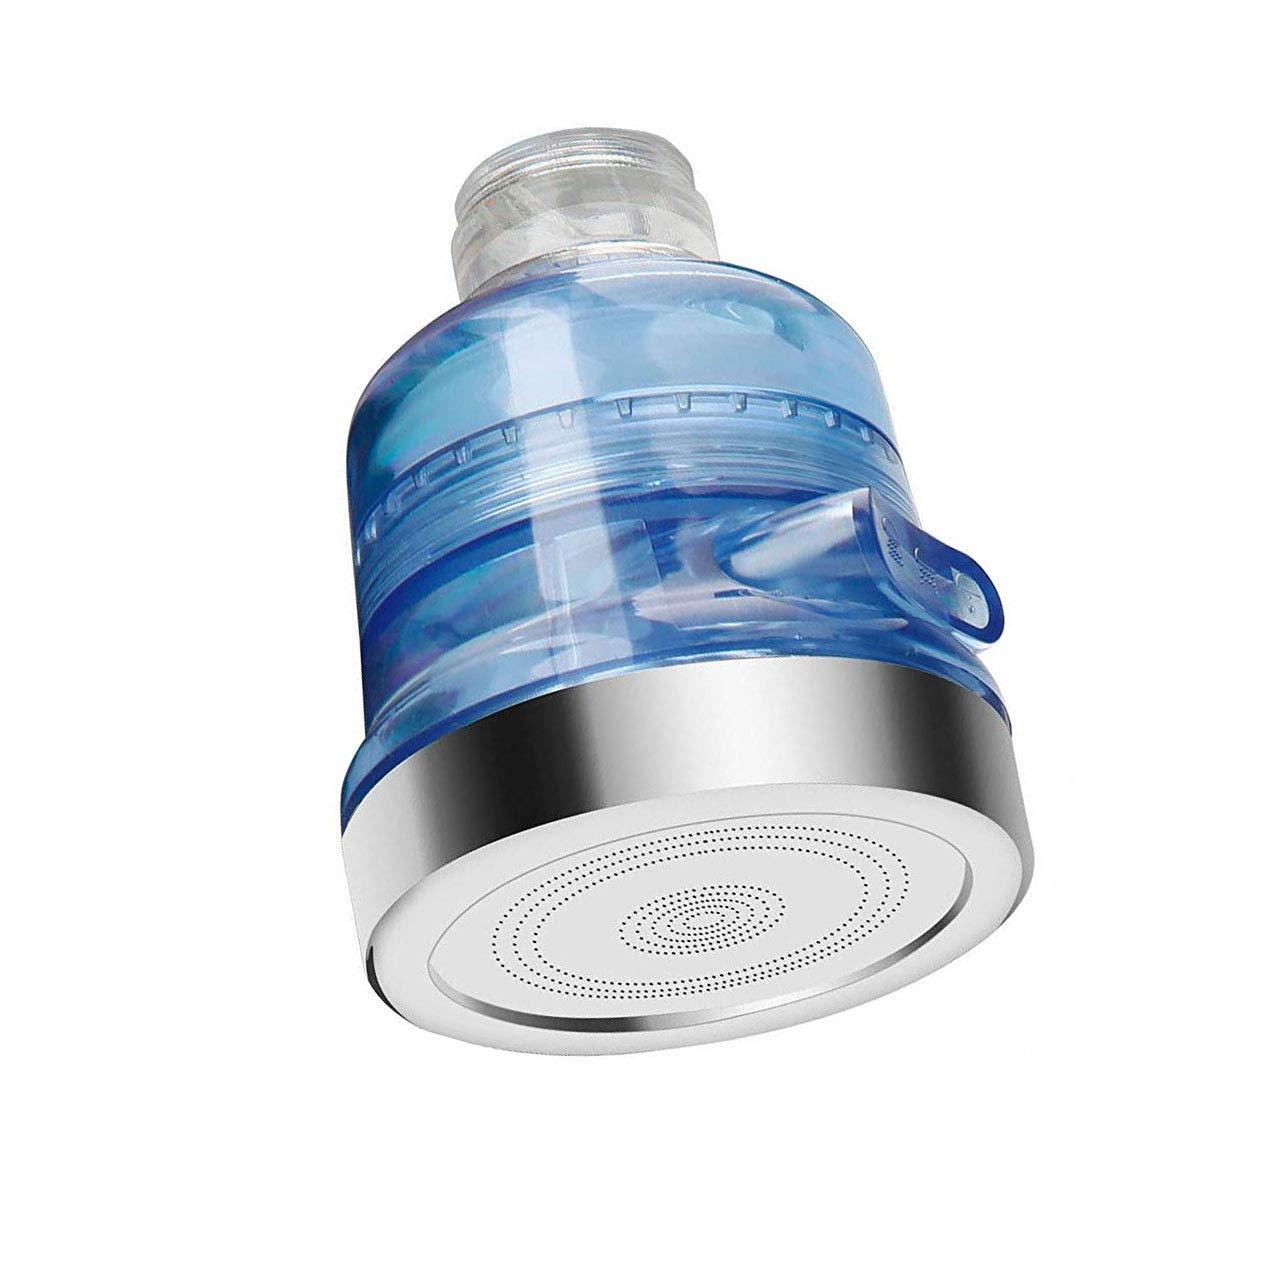 Ajuste ABS Grifo de Cabezal de pulverizaci/ón Grifo para Evitar Salpicaduras de Cabeza para Cocina ba/ño Xrten Grifo de Agua Giratorio de 360 /°